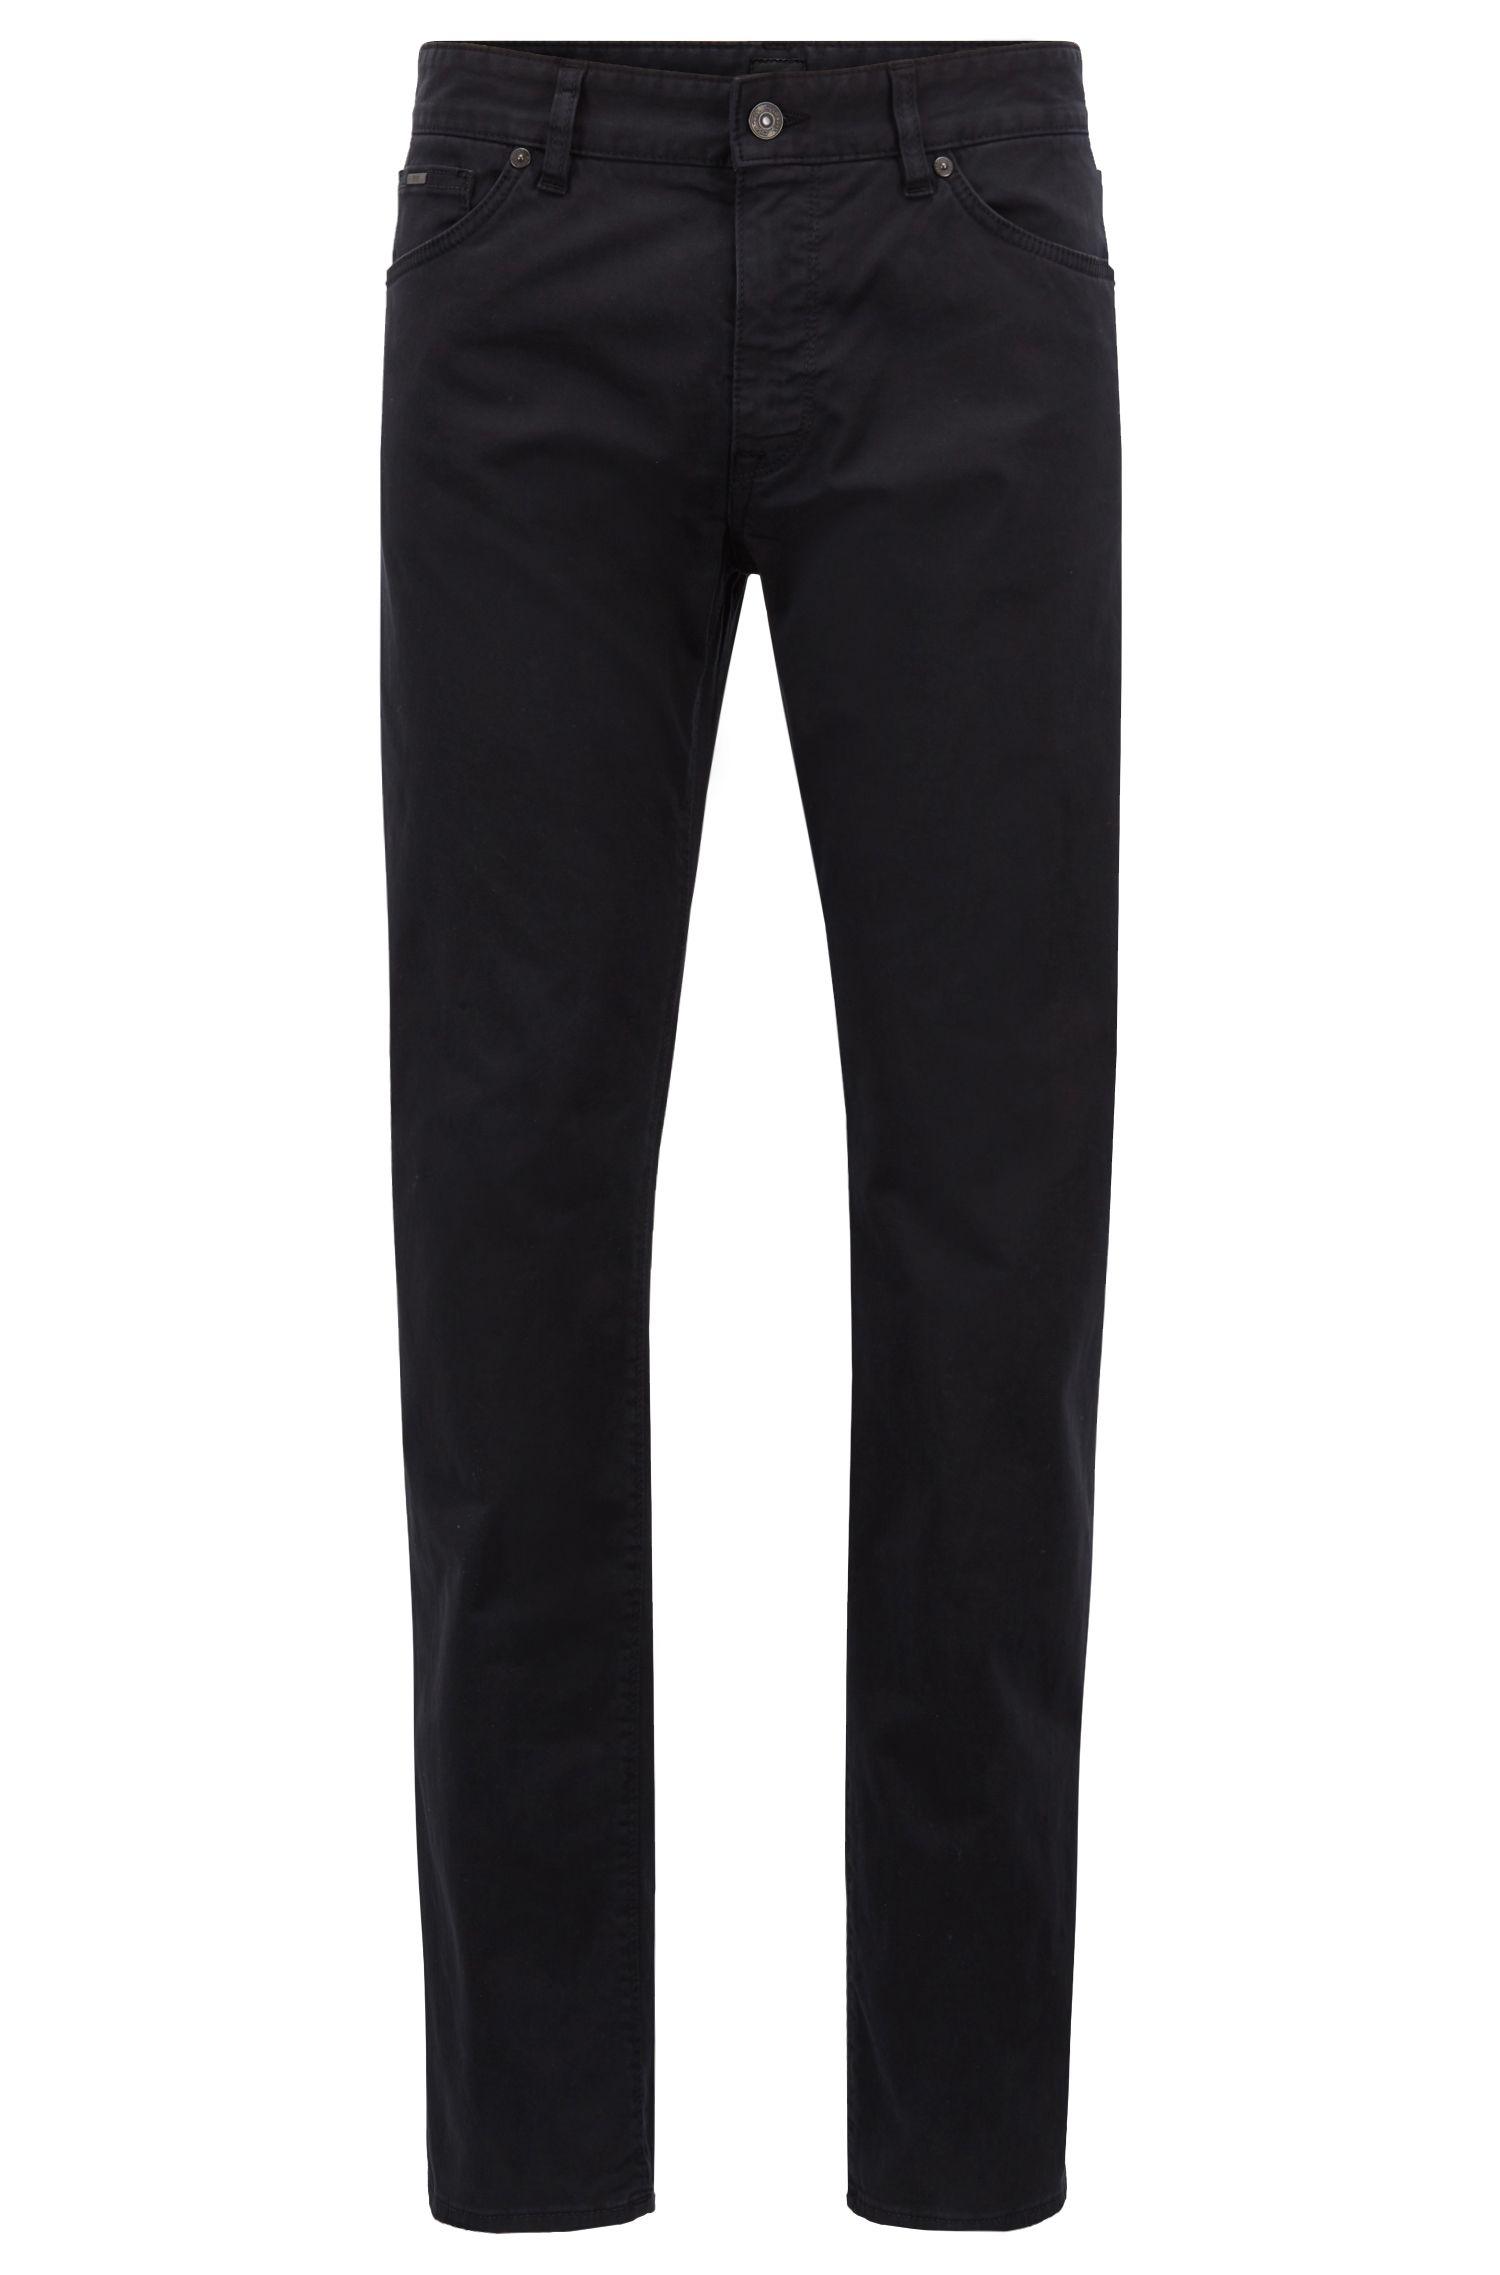 Jeans regular fit in denim elasticizzato satinato con finitura spazzolata effetto diamante, Blu